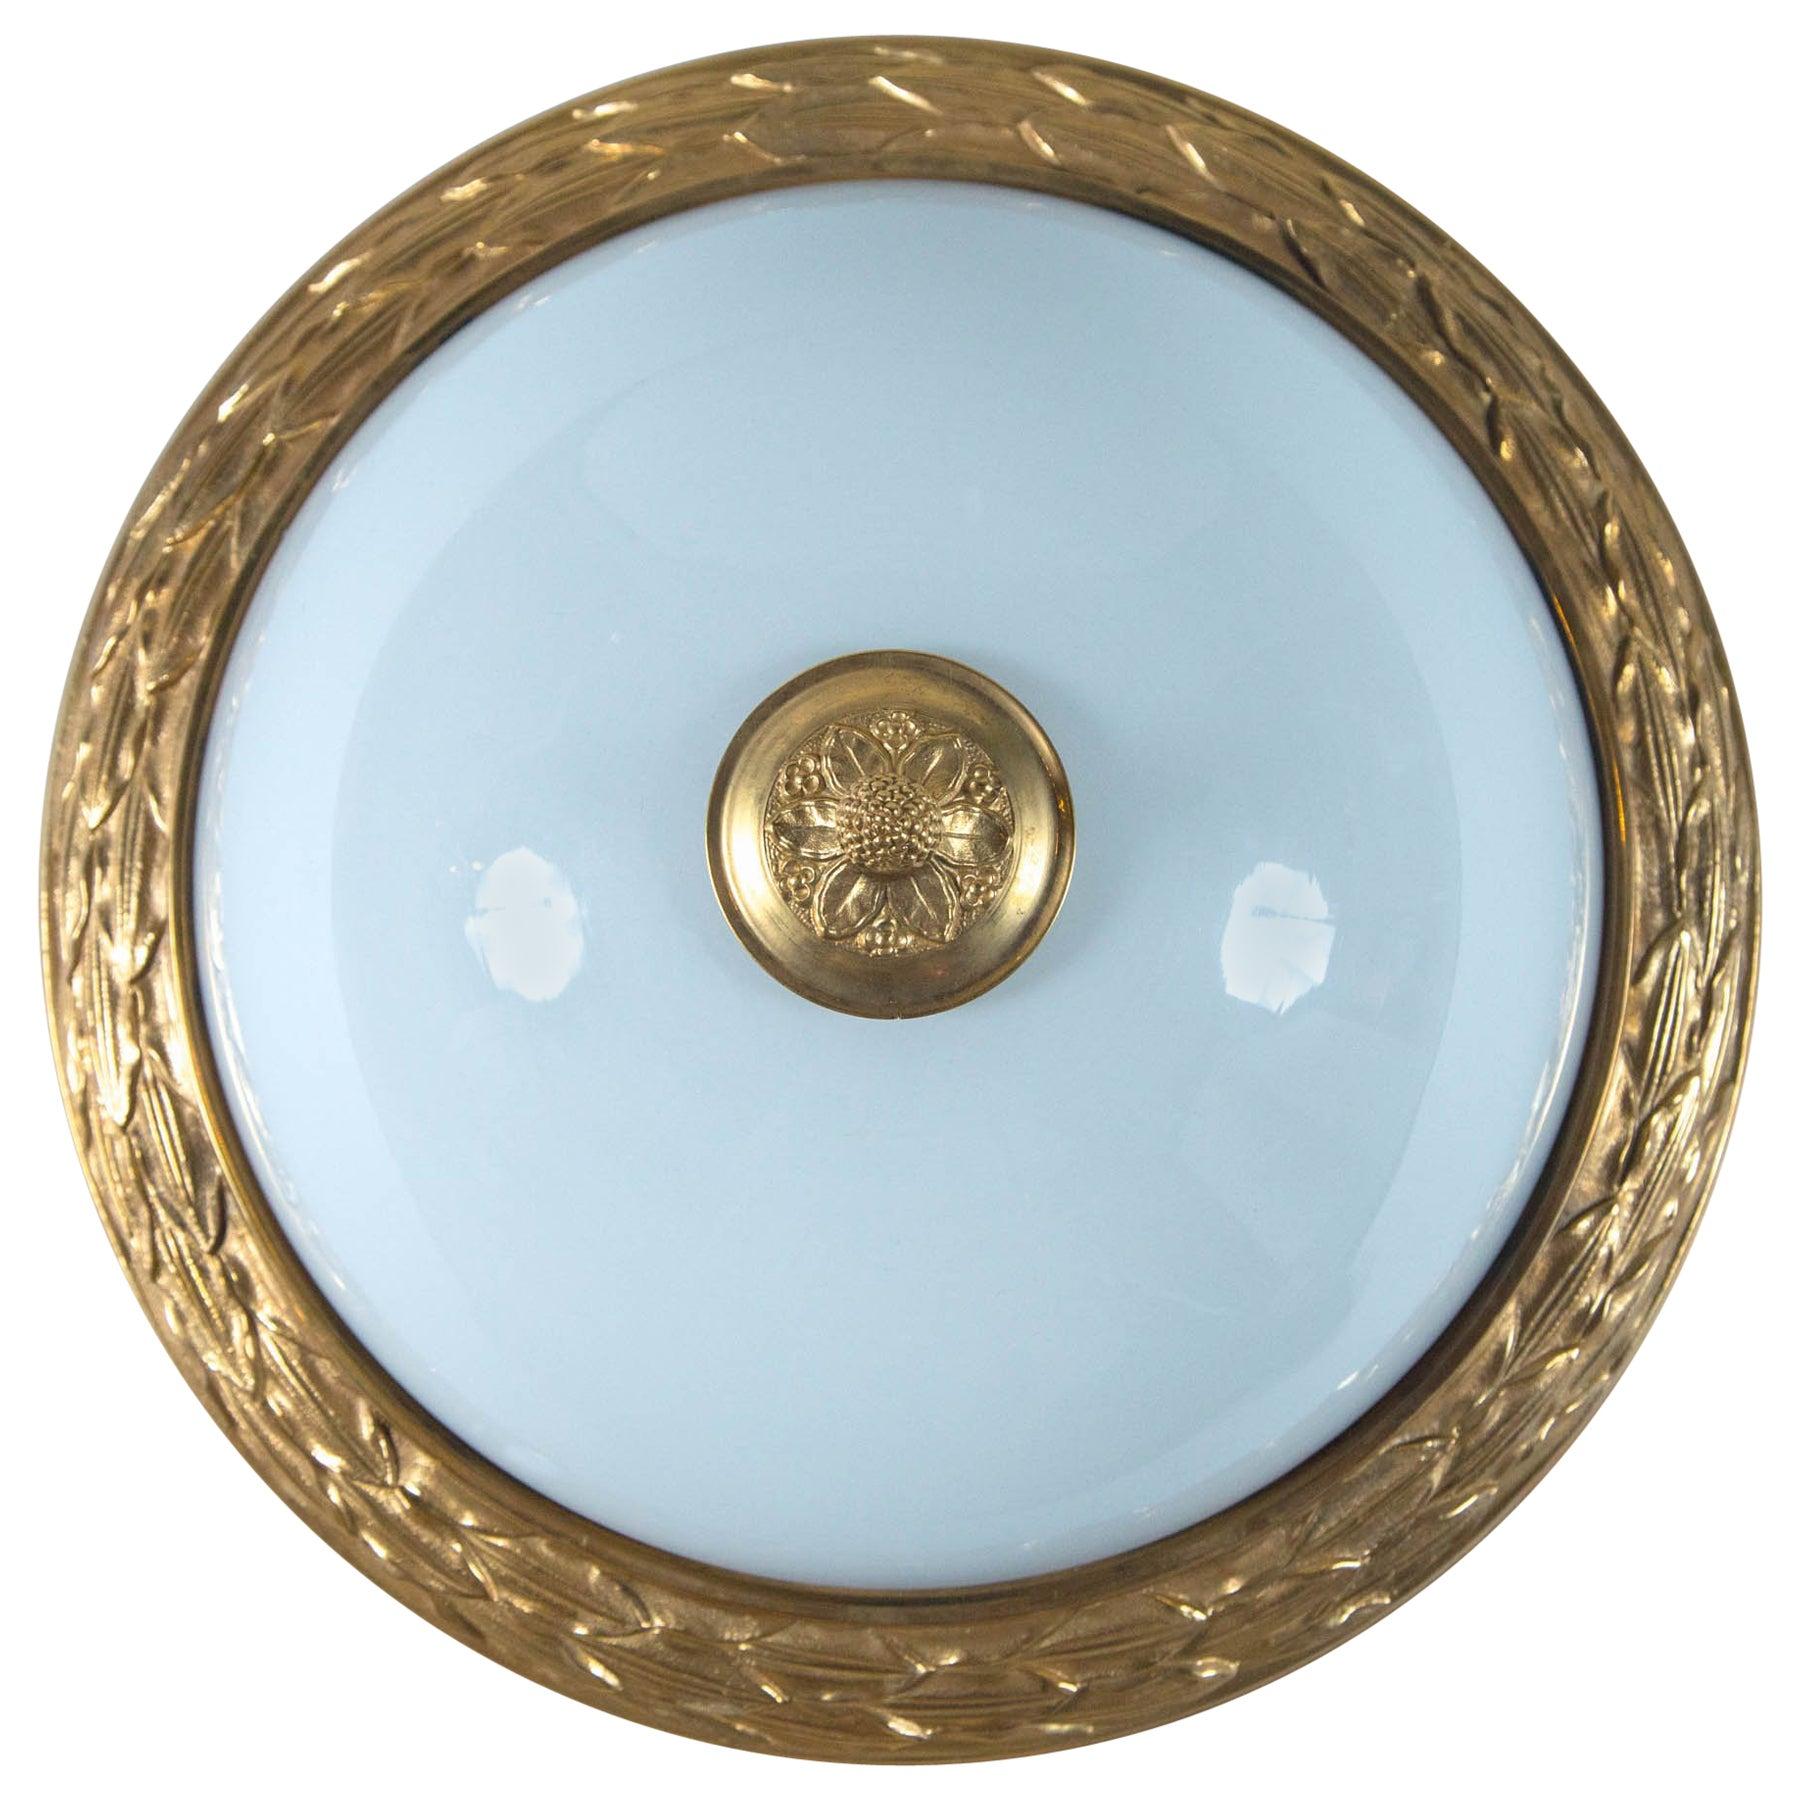 Designer gilt ormolu dore bronze french opaline dome ceiling light fixture